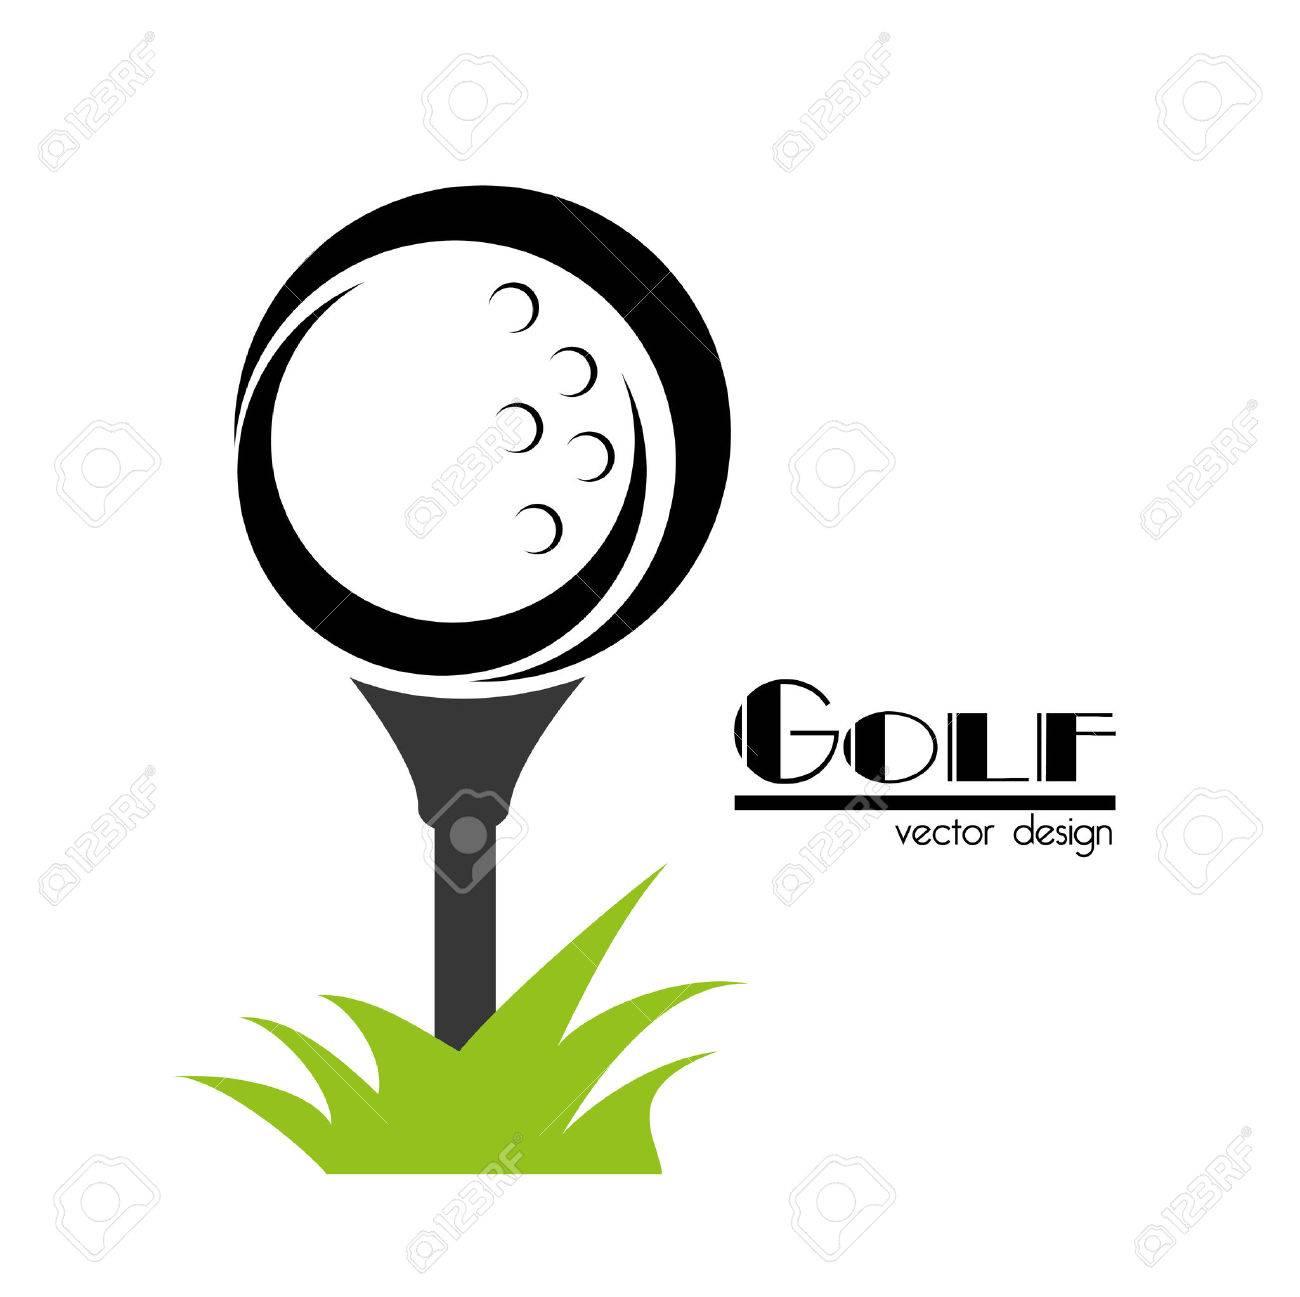 golf design over white background vector illustration - 22453229